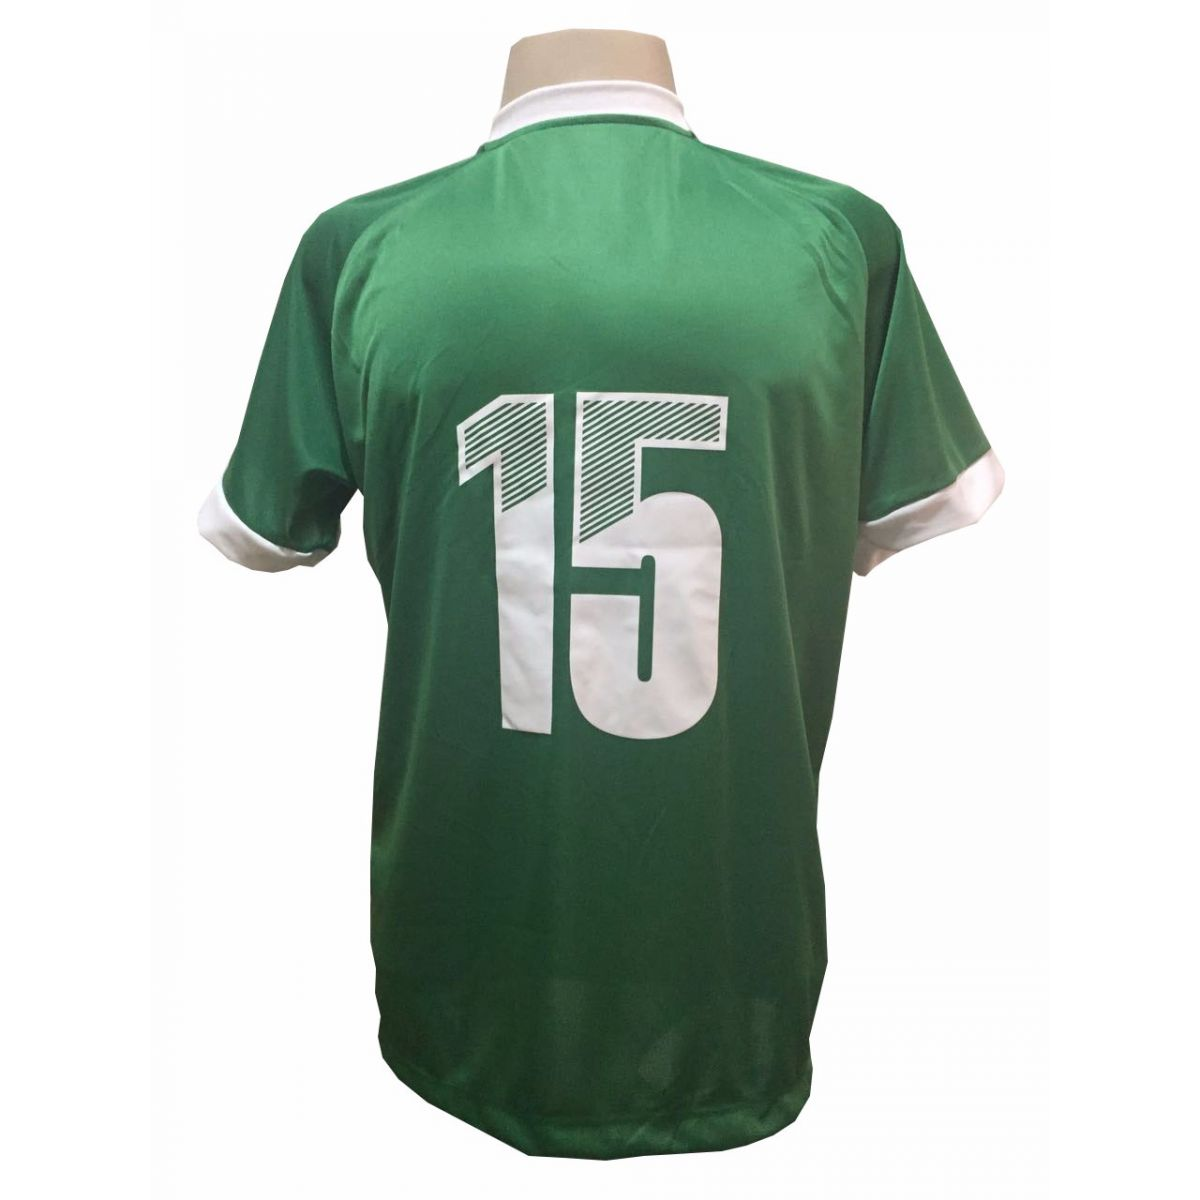 Fardamento Completo modelo Bélgica 20+1 (20 camisas Verde/Branco + 20 calções modelo Madrid Verde + 20 pares de meiões Branco + 1 conjunto de goleiro) + Brindes